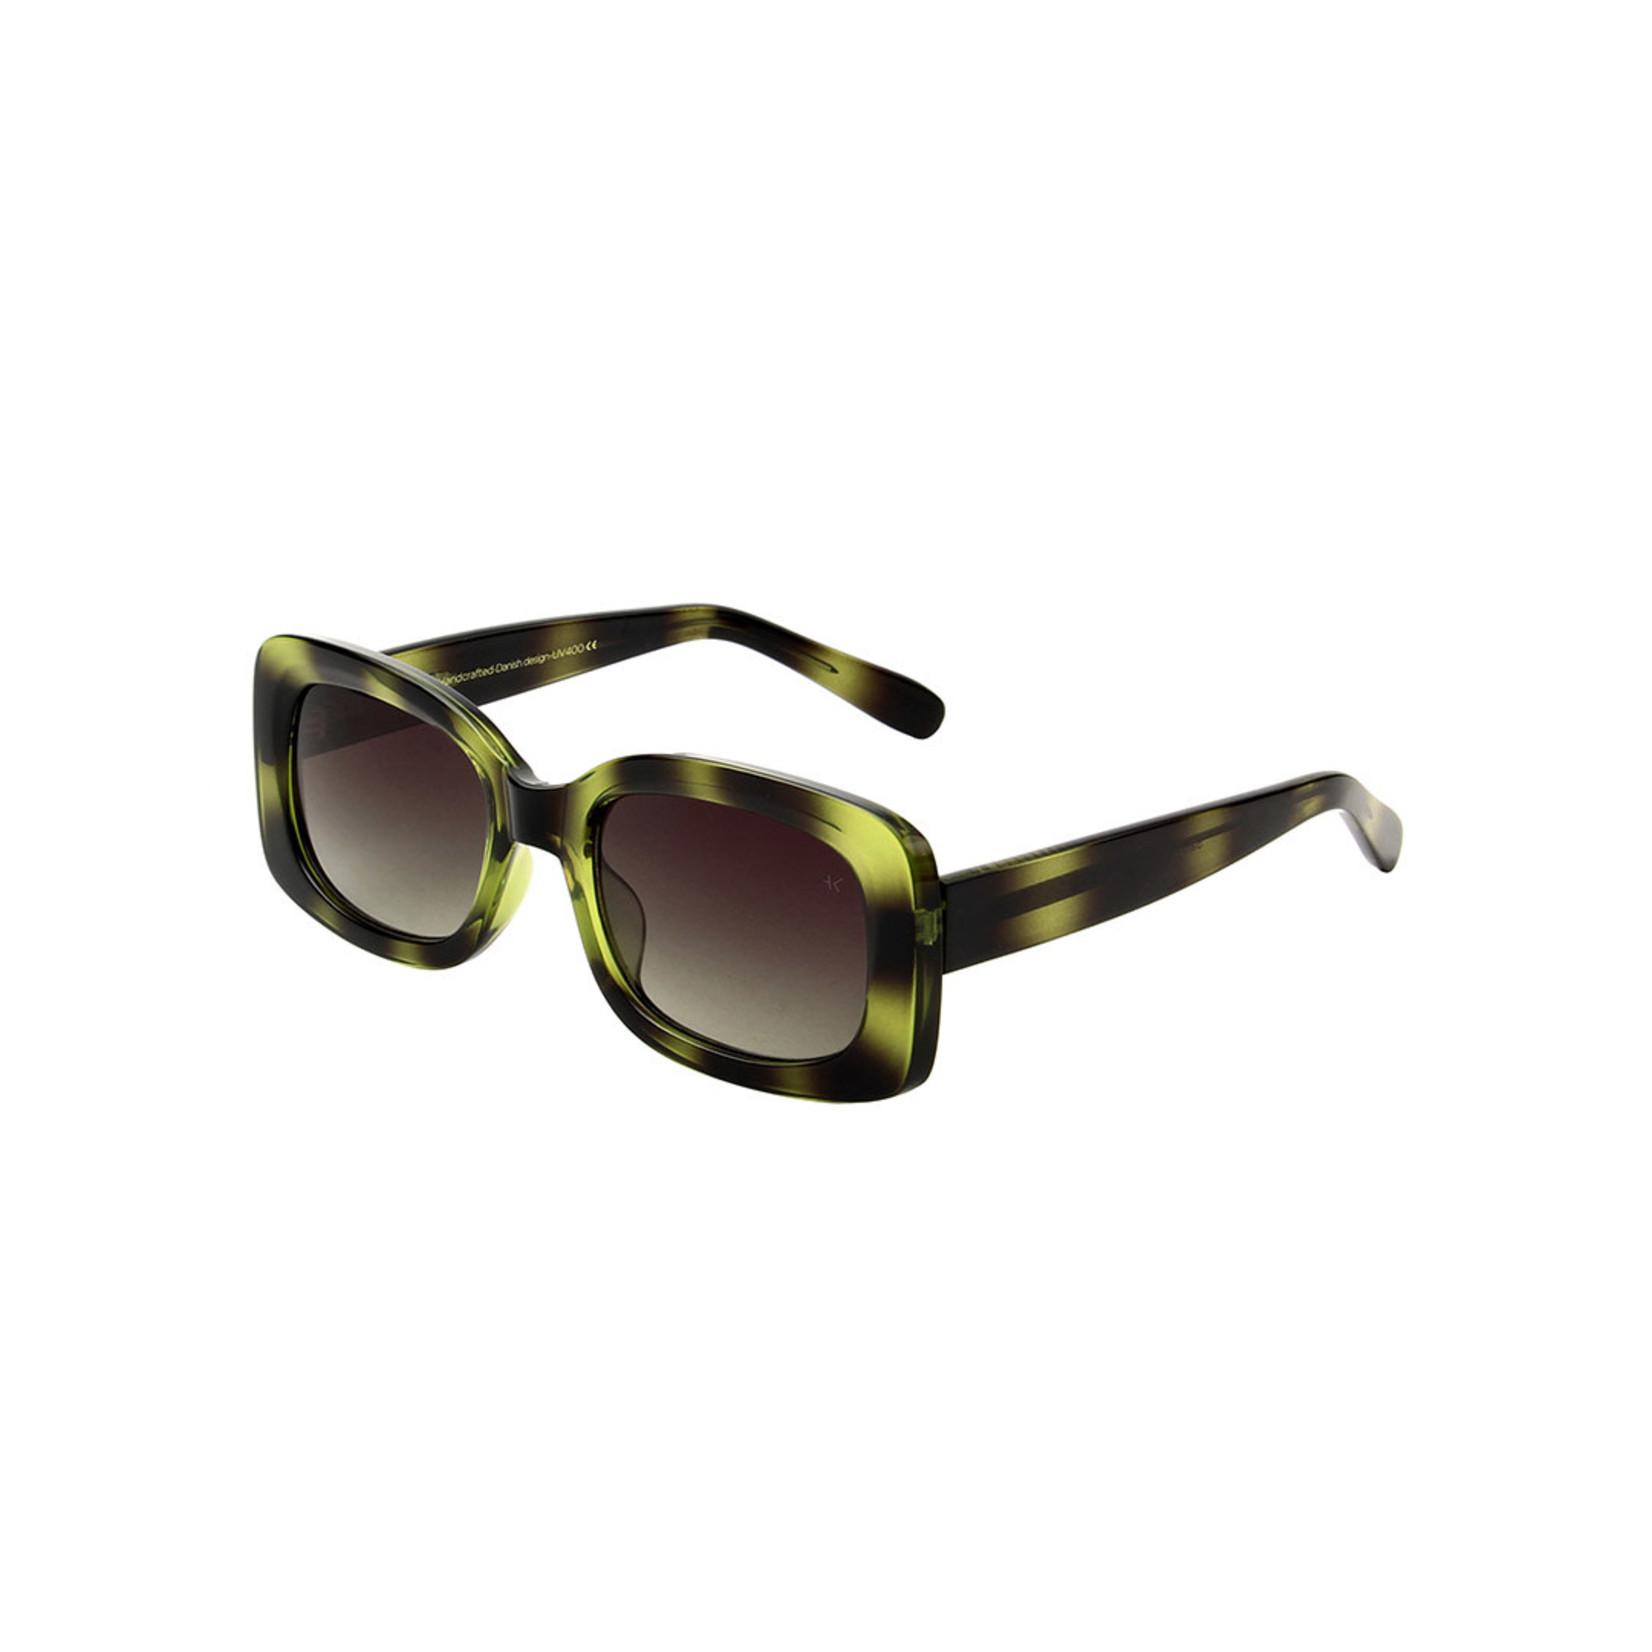 Kjearbede Kjearbede zonnebril Salo Demi Olive /KL2115-005